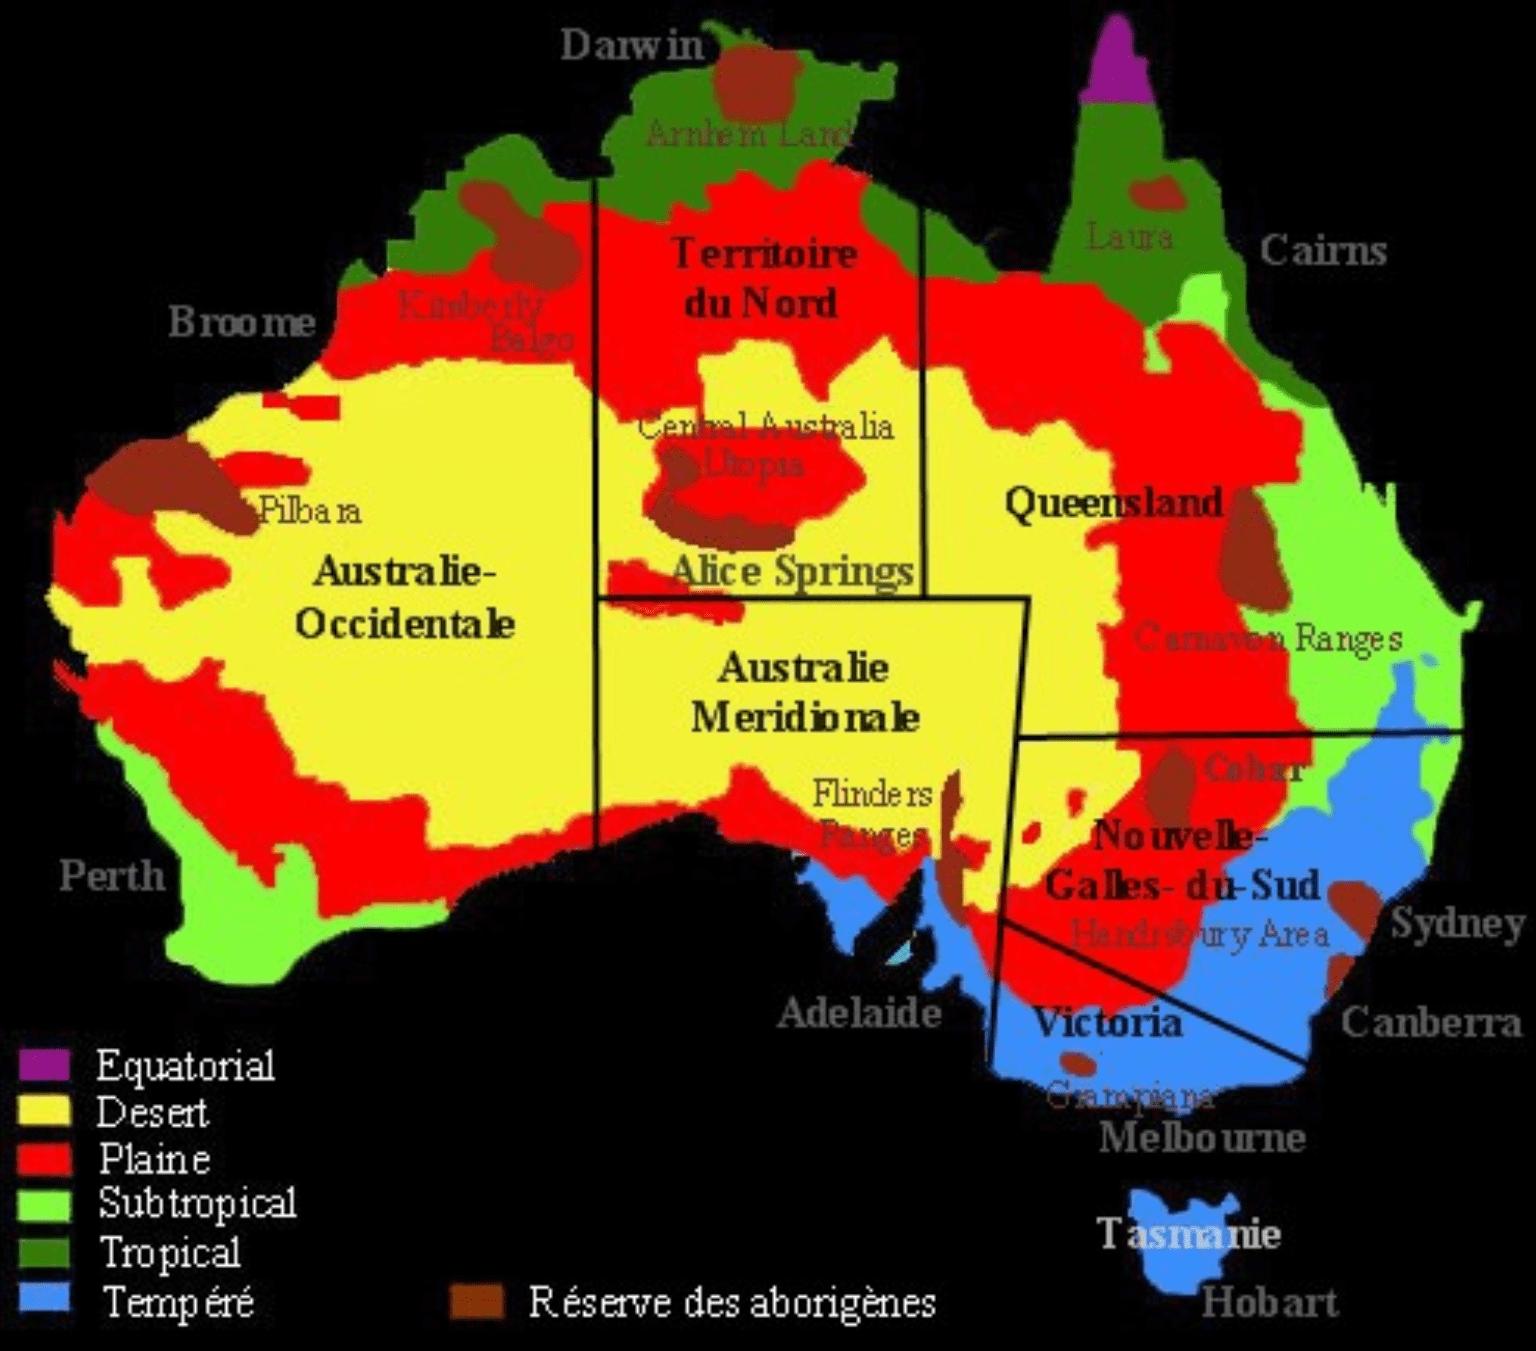 Carte des réserves aborigènes d'Australie